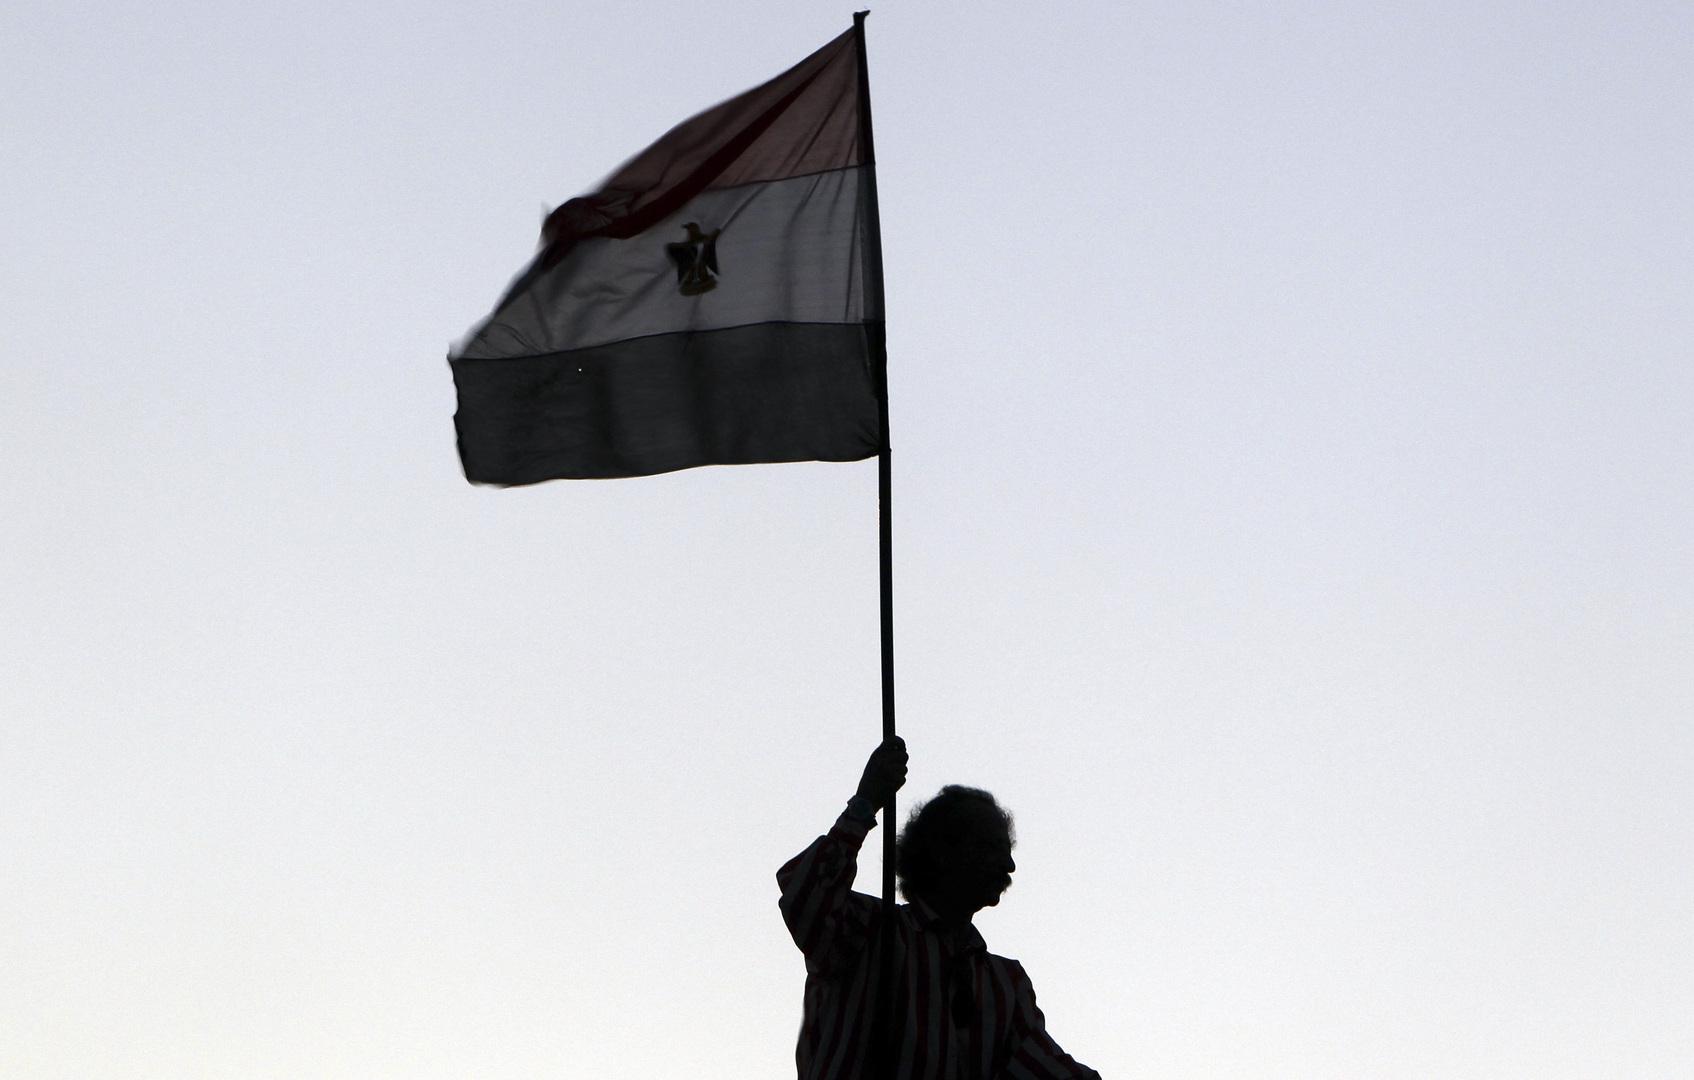 الأمن المصري يلقي القبض على 3 أشخاص بسبب فيروس كورونا